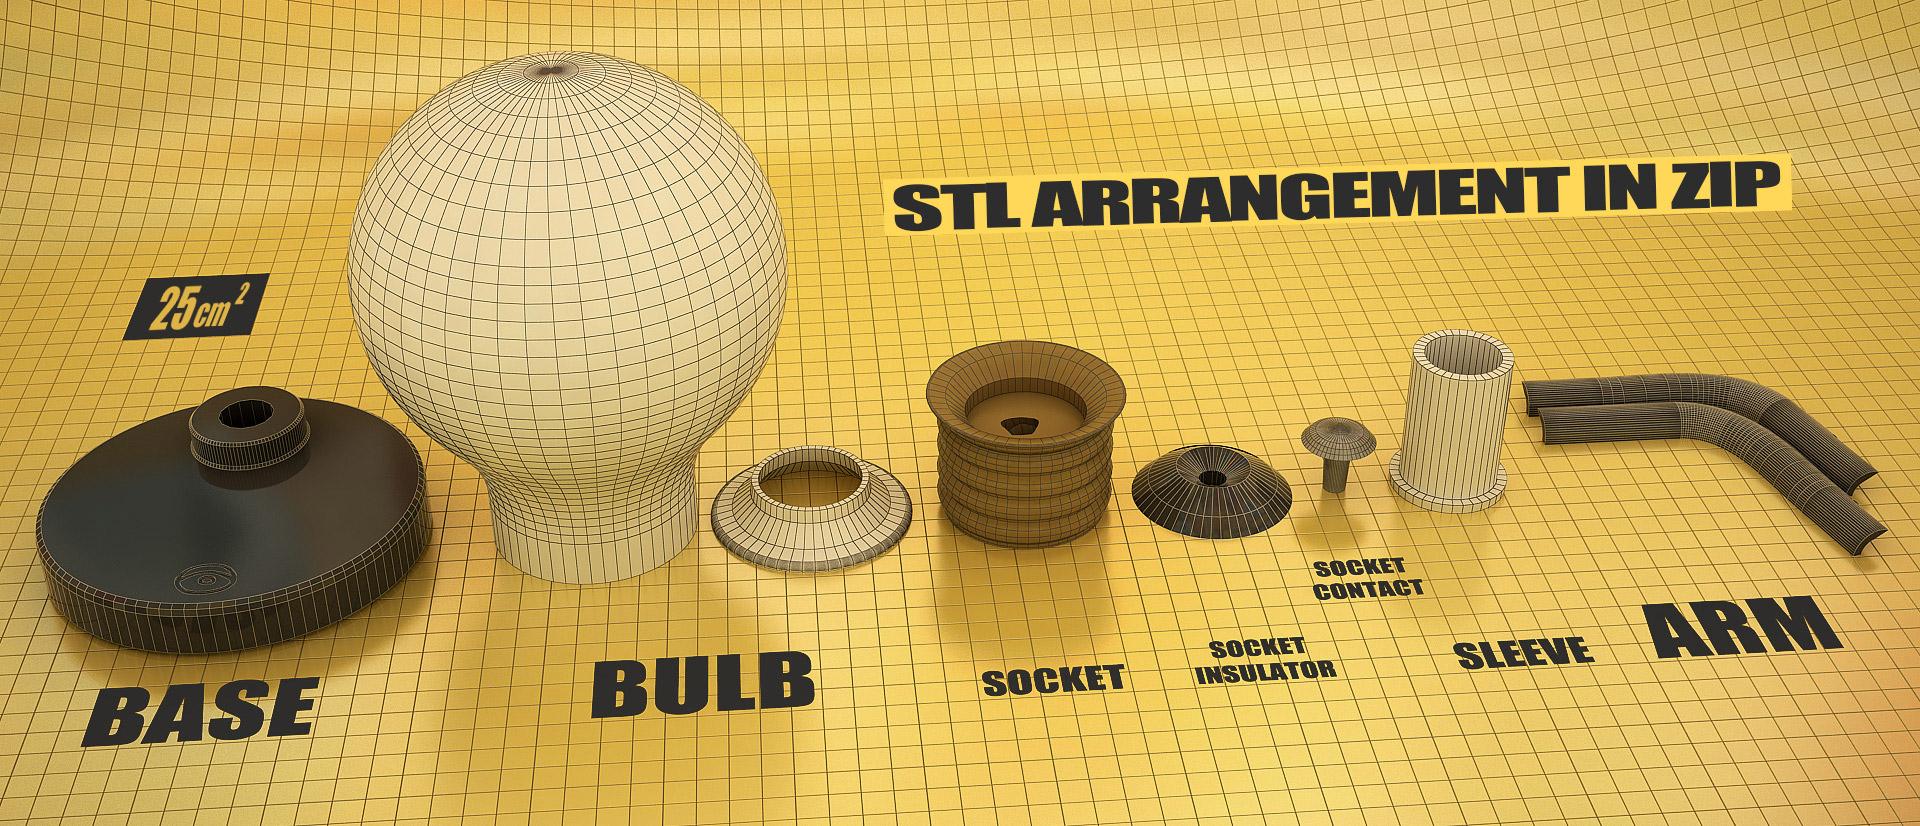 Justpressprint 3d print Bulb Light STL arrangement in zip